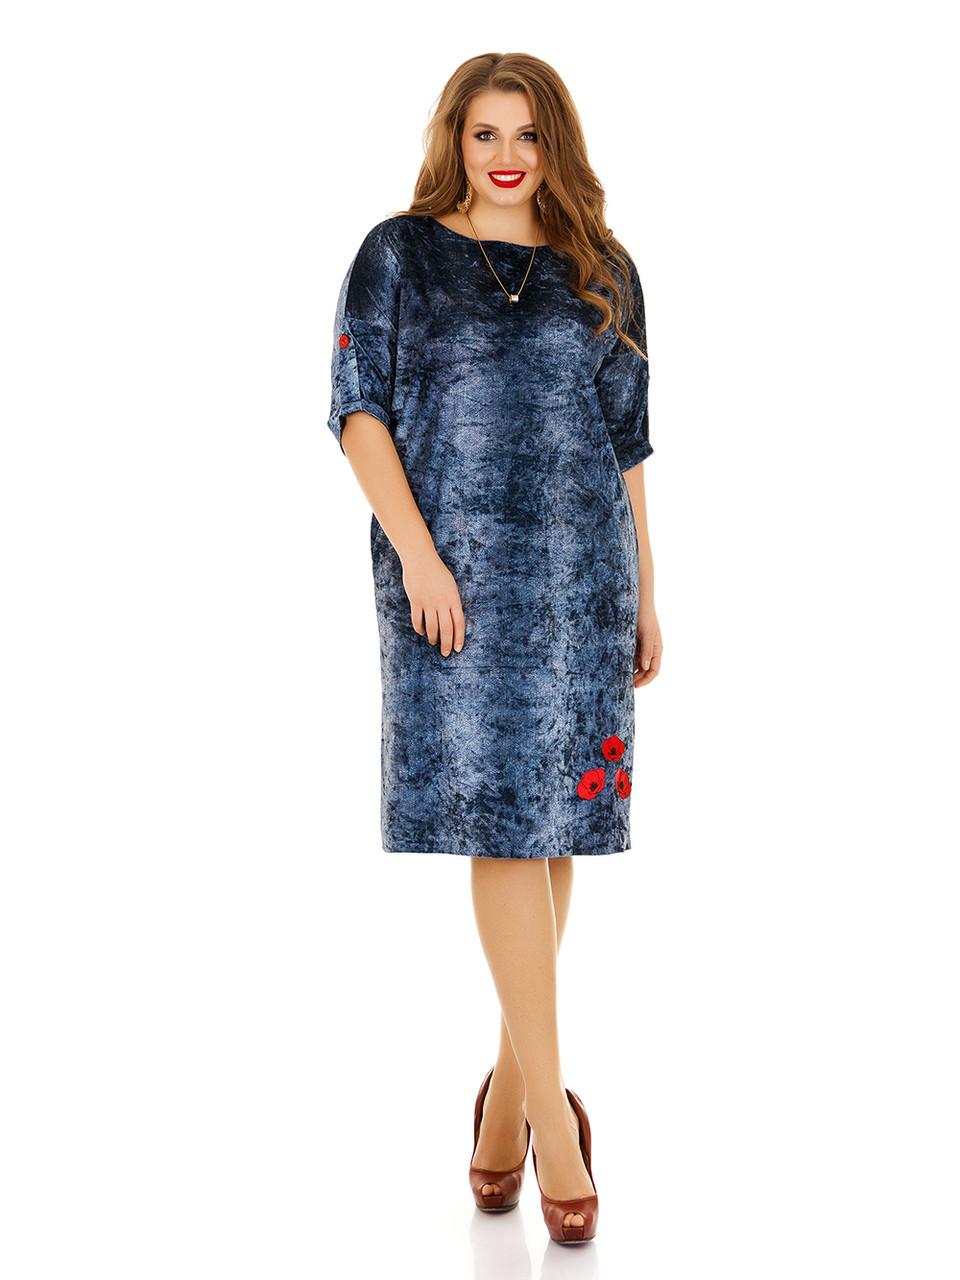 Платье из миненого велюра под джинс Индивидуальный пошив